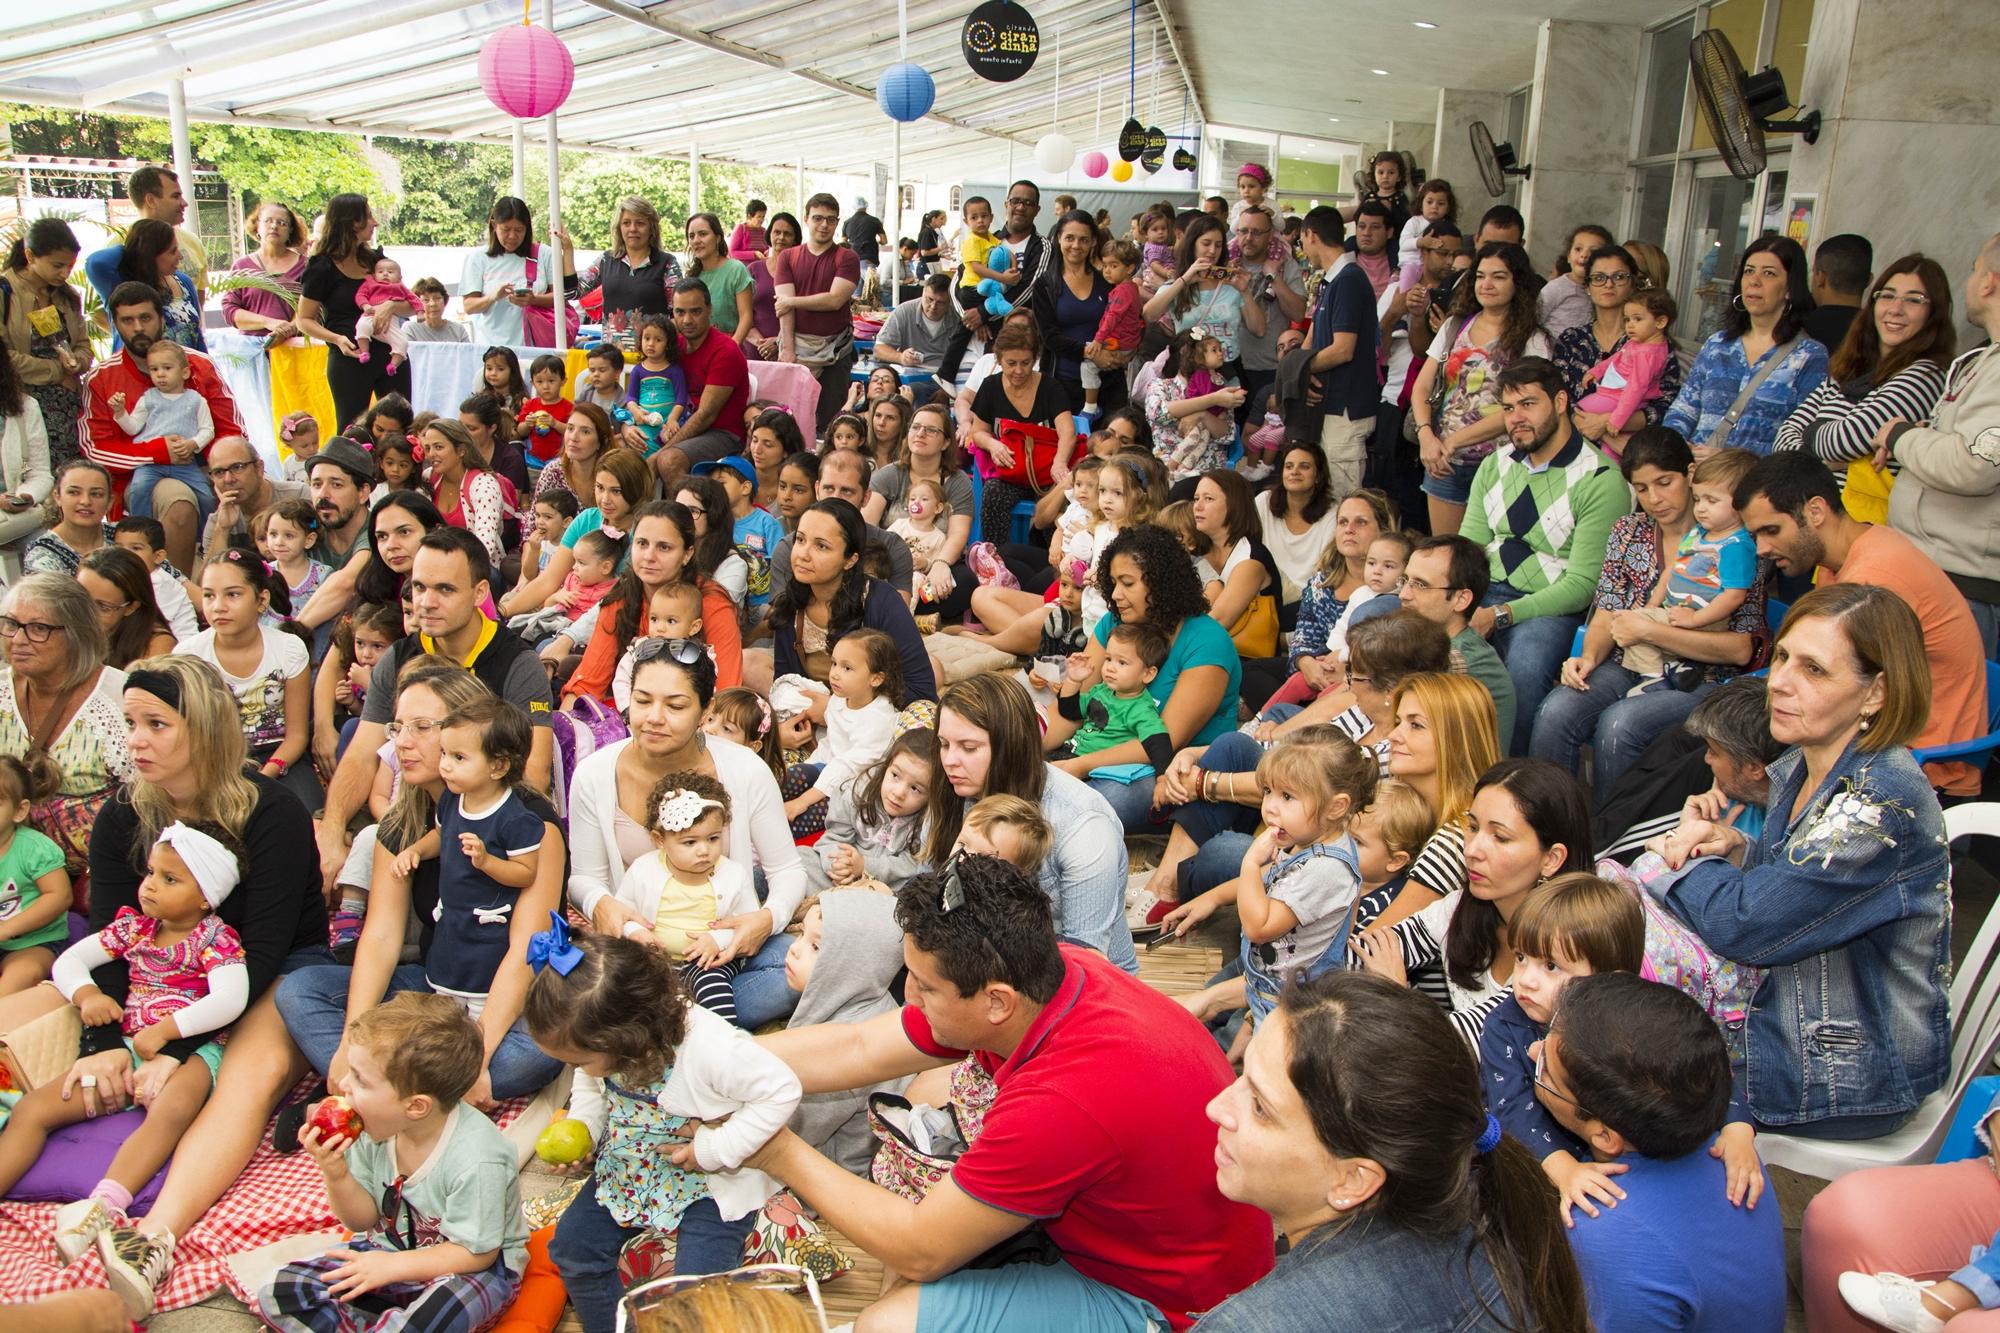 66761bf2b13 Maratona do Rio lança corrida infantil com Gloob